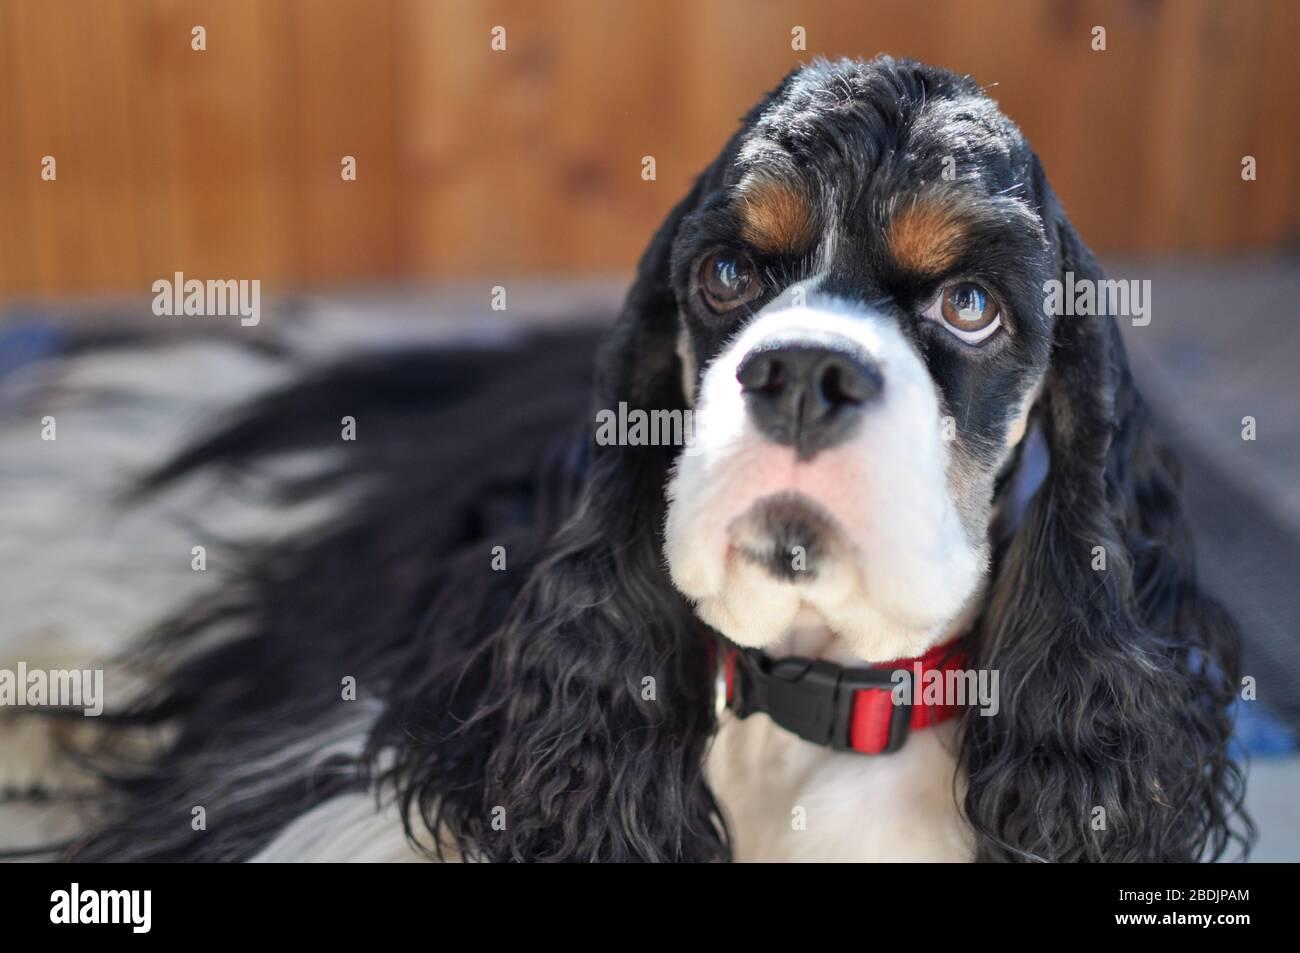 A Cocker Spaniel Puppy Fotos E Imagenes De Stock Pagina 5 Alamy